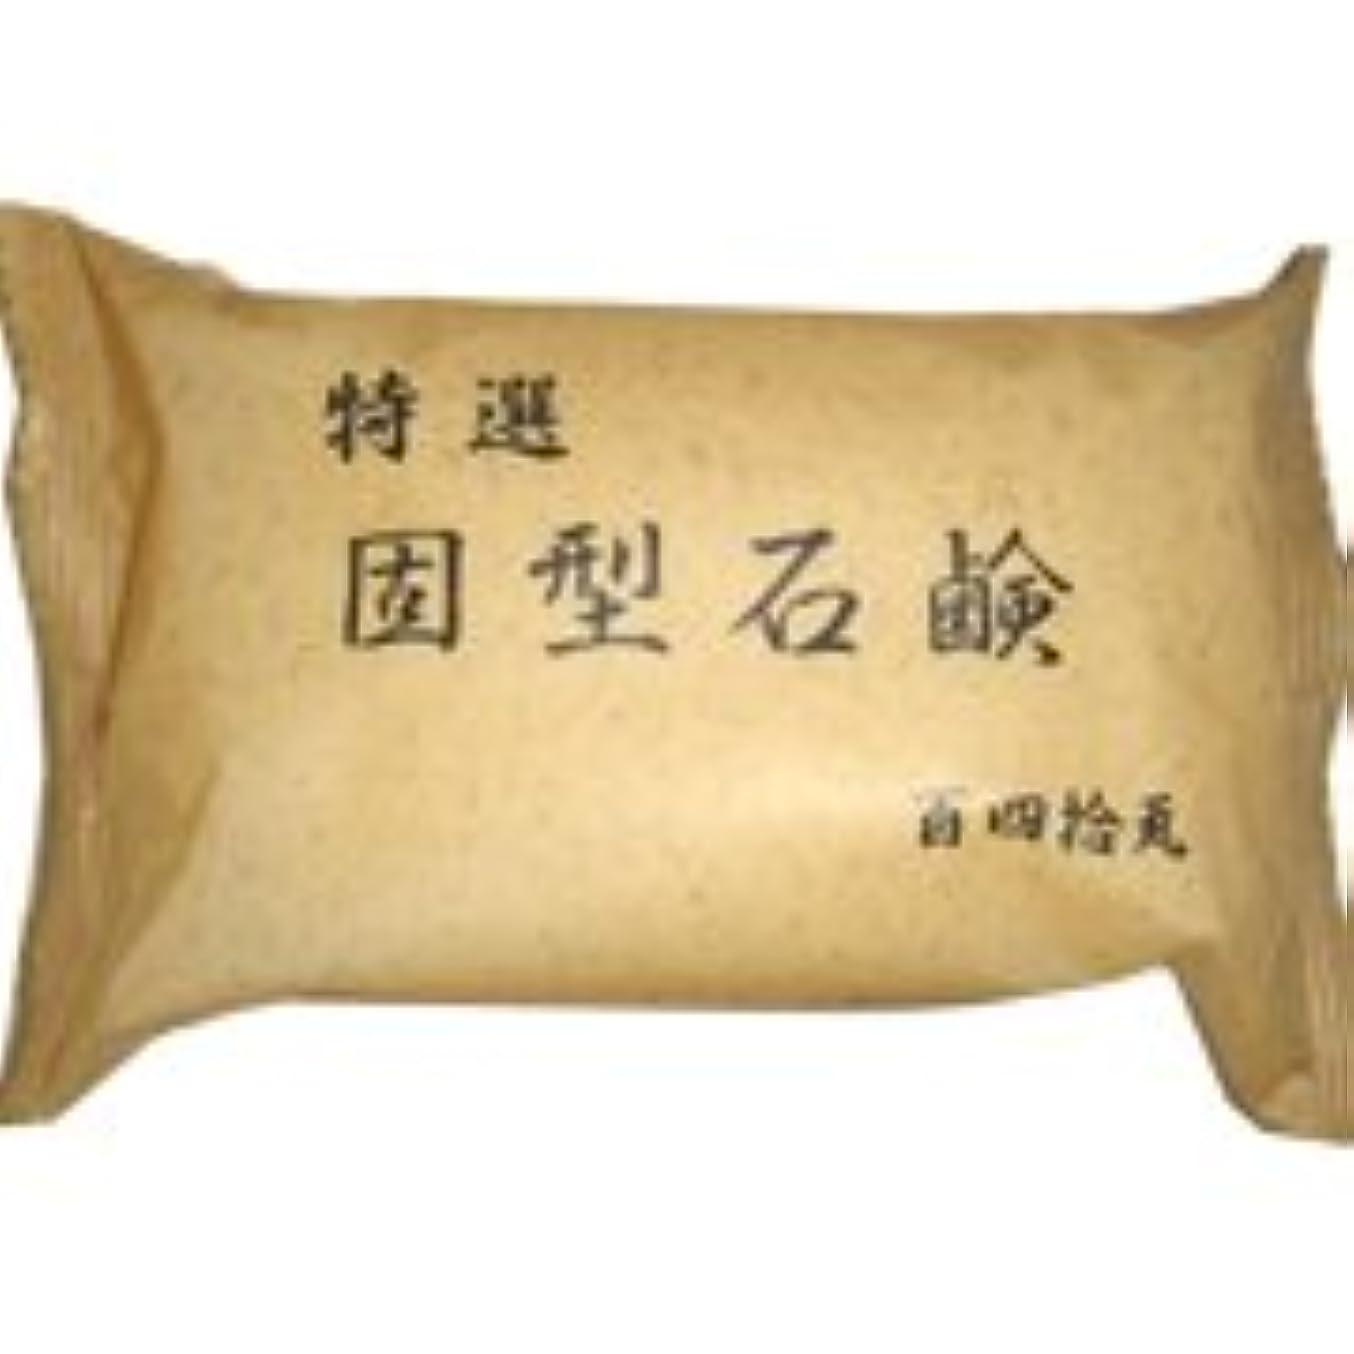 プロトタイプ宝なめる特選 固型石鹸 140g    エスケー石鹸